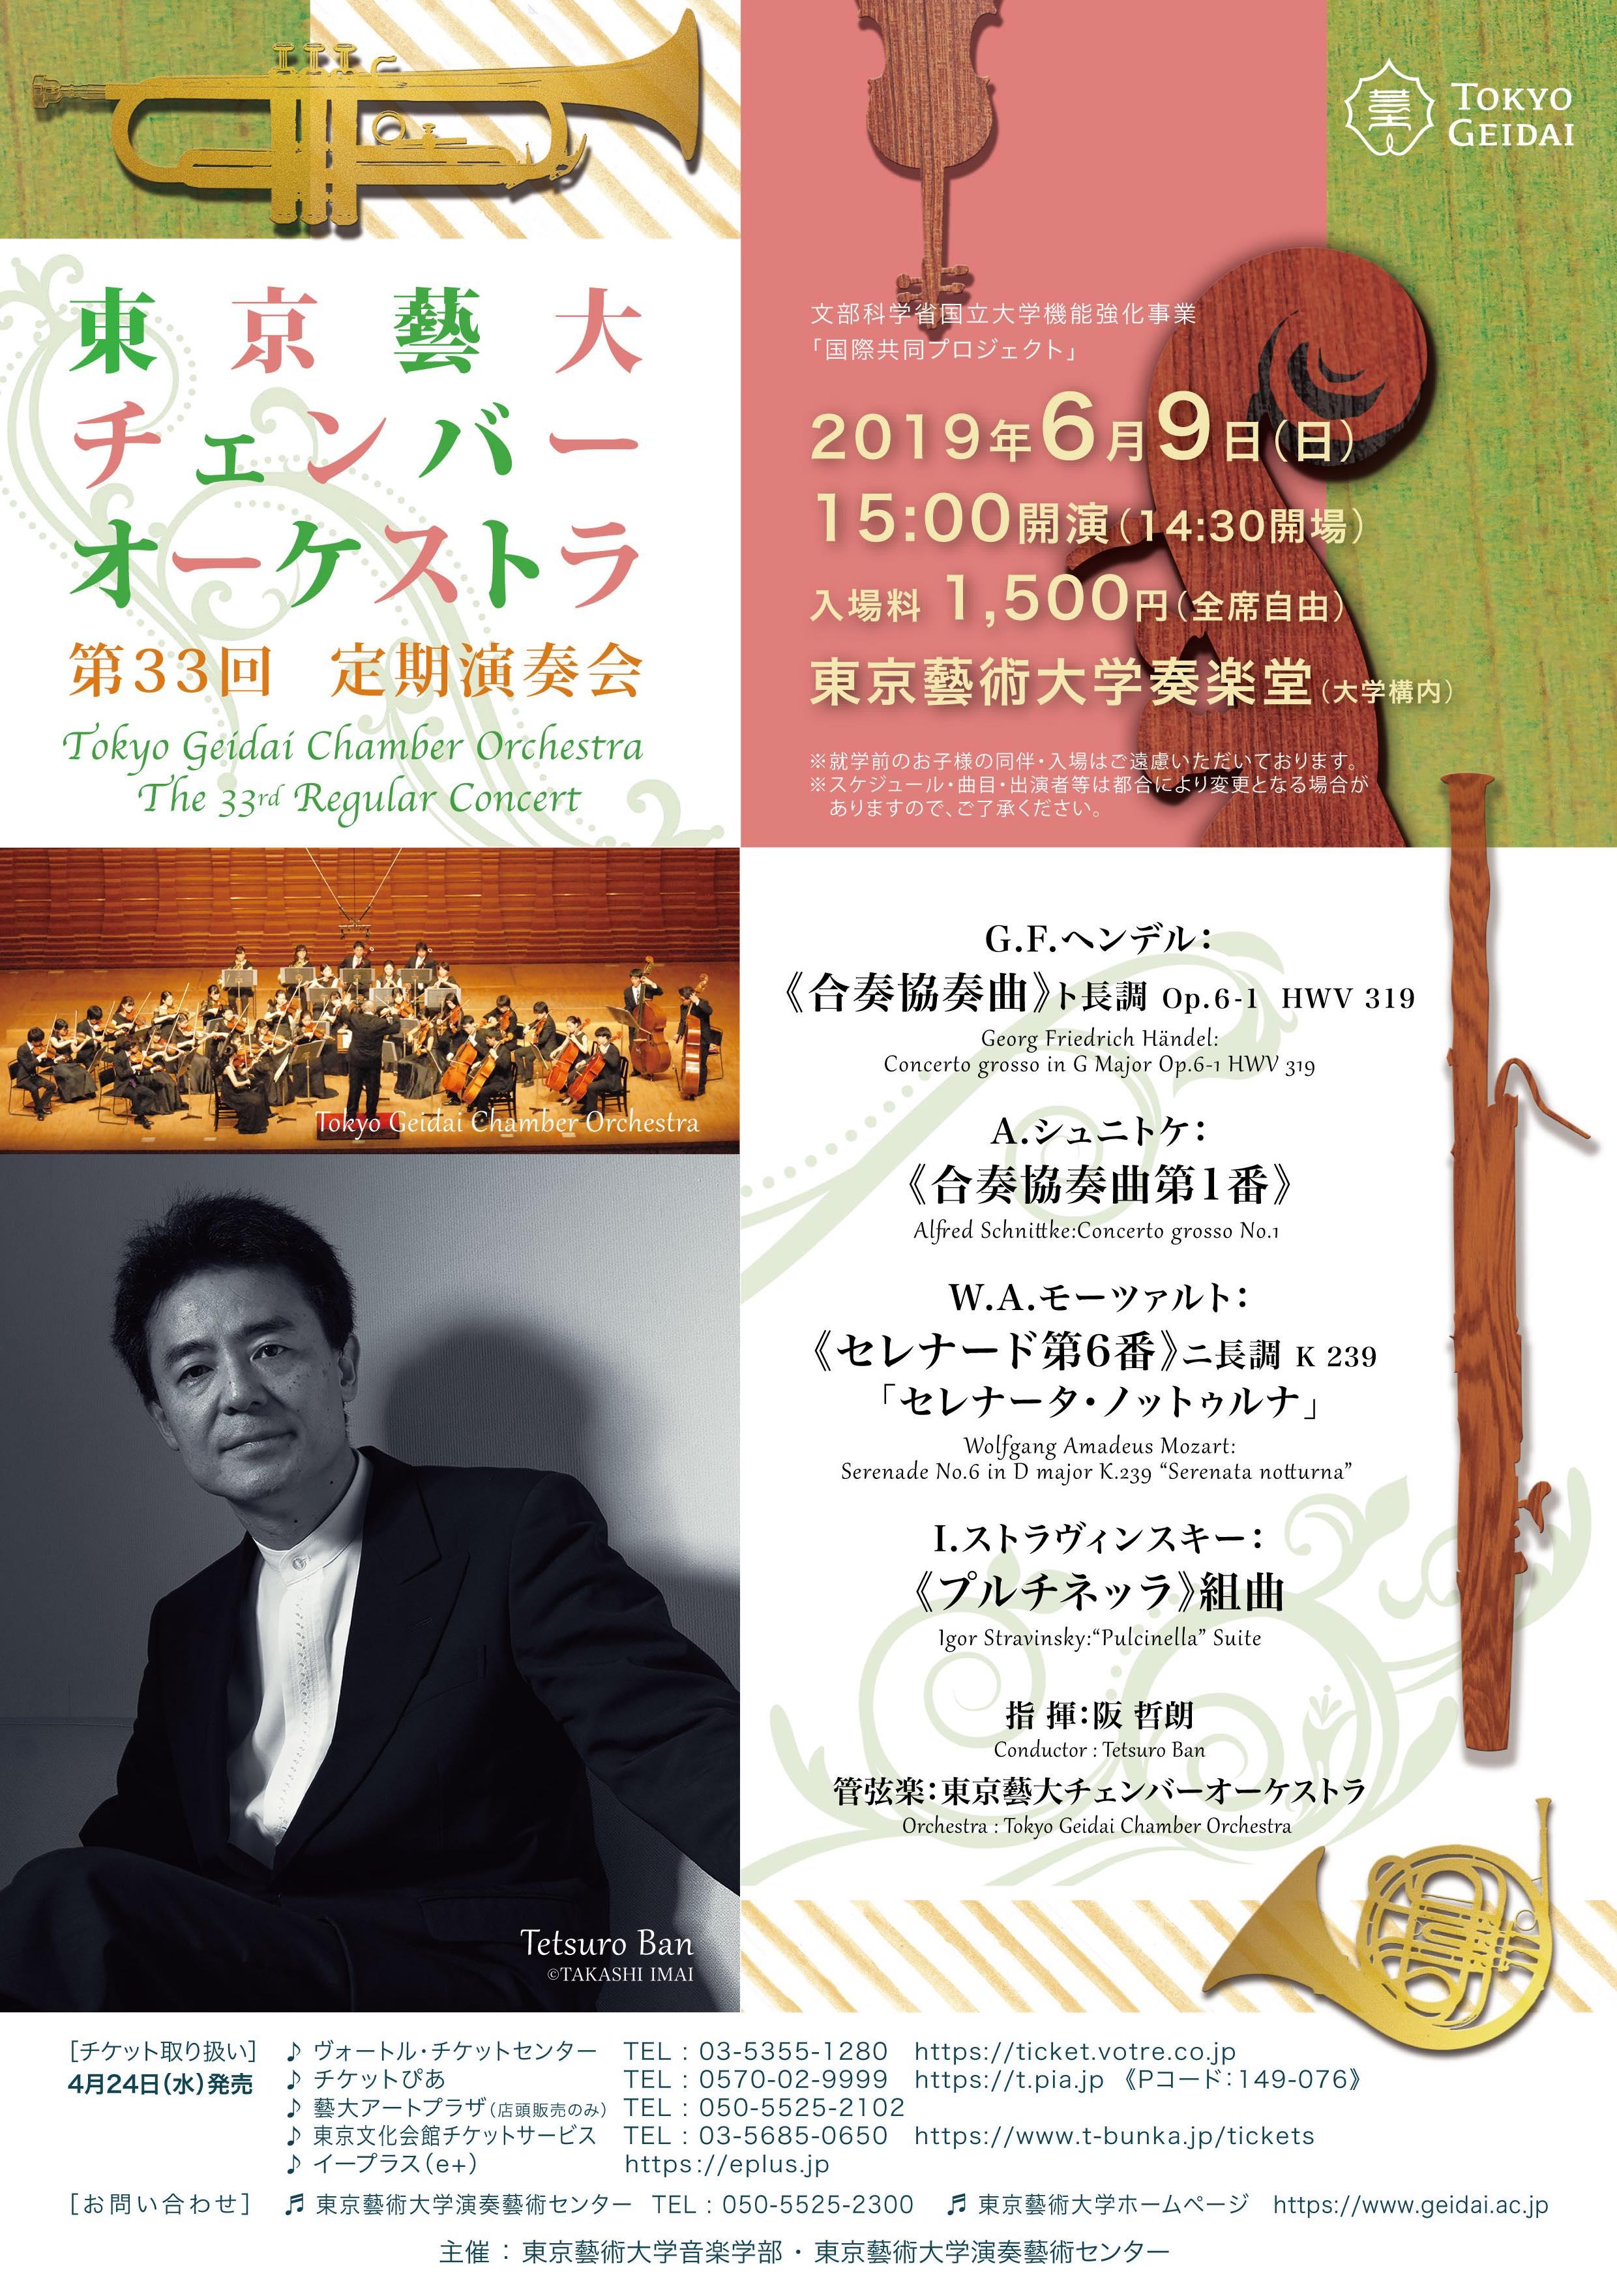 東京藝大チェンバーオーケストラ 第33 回 定期演奏会